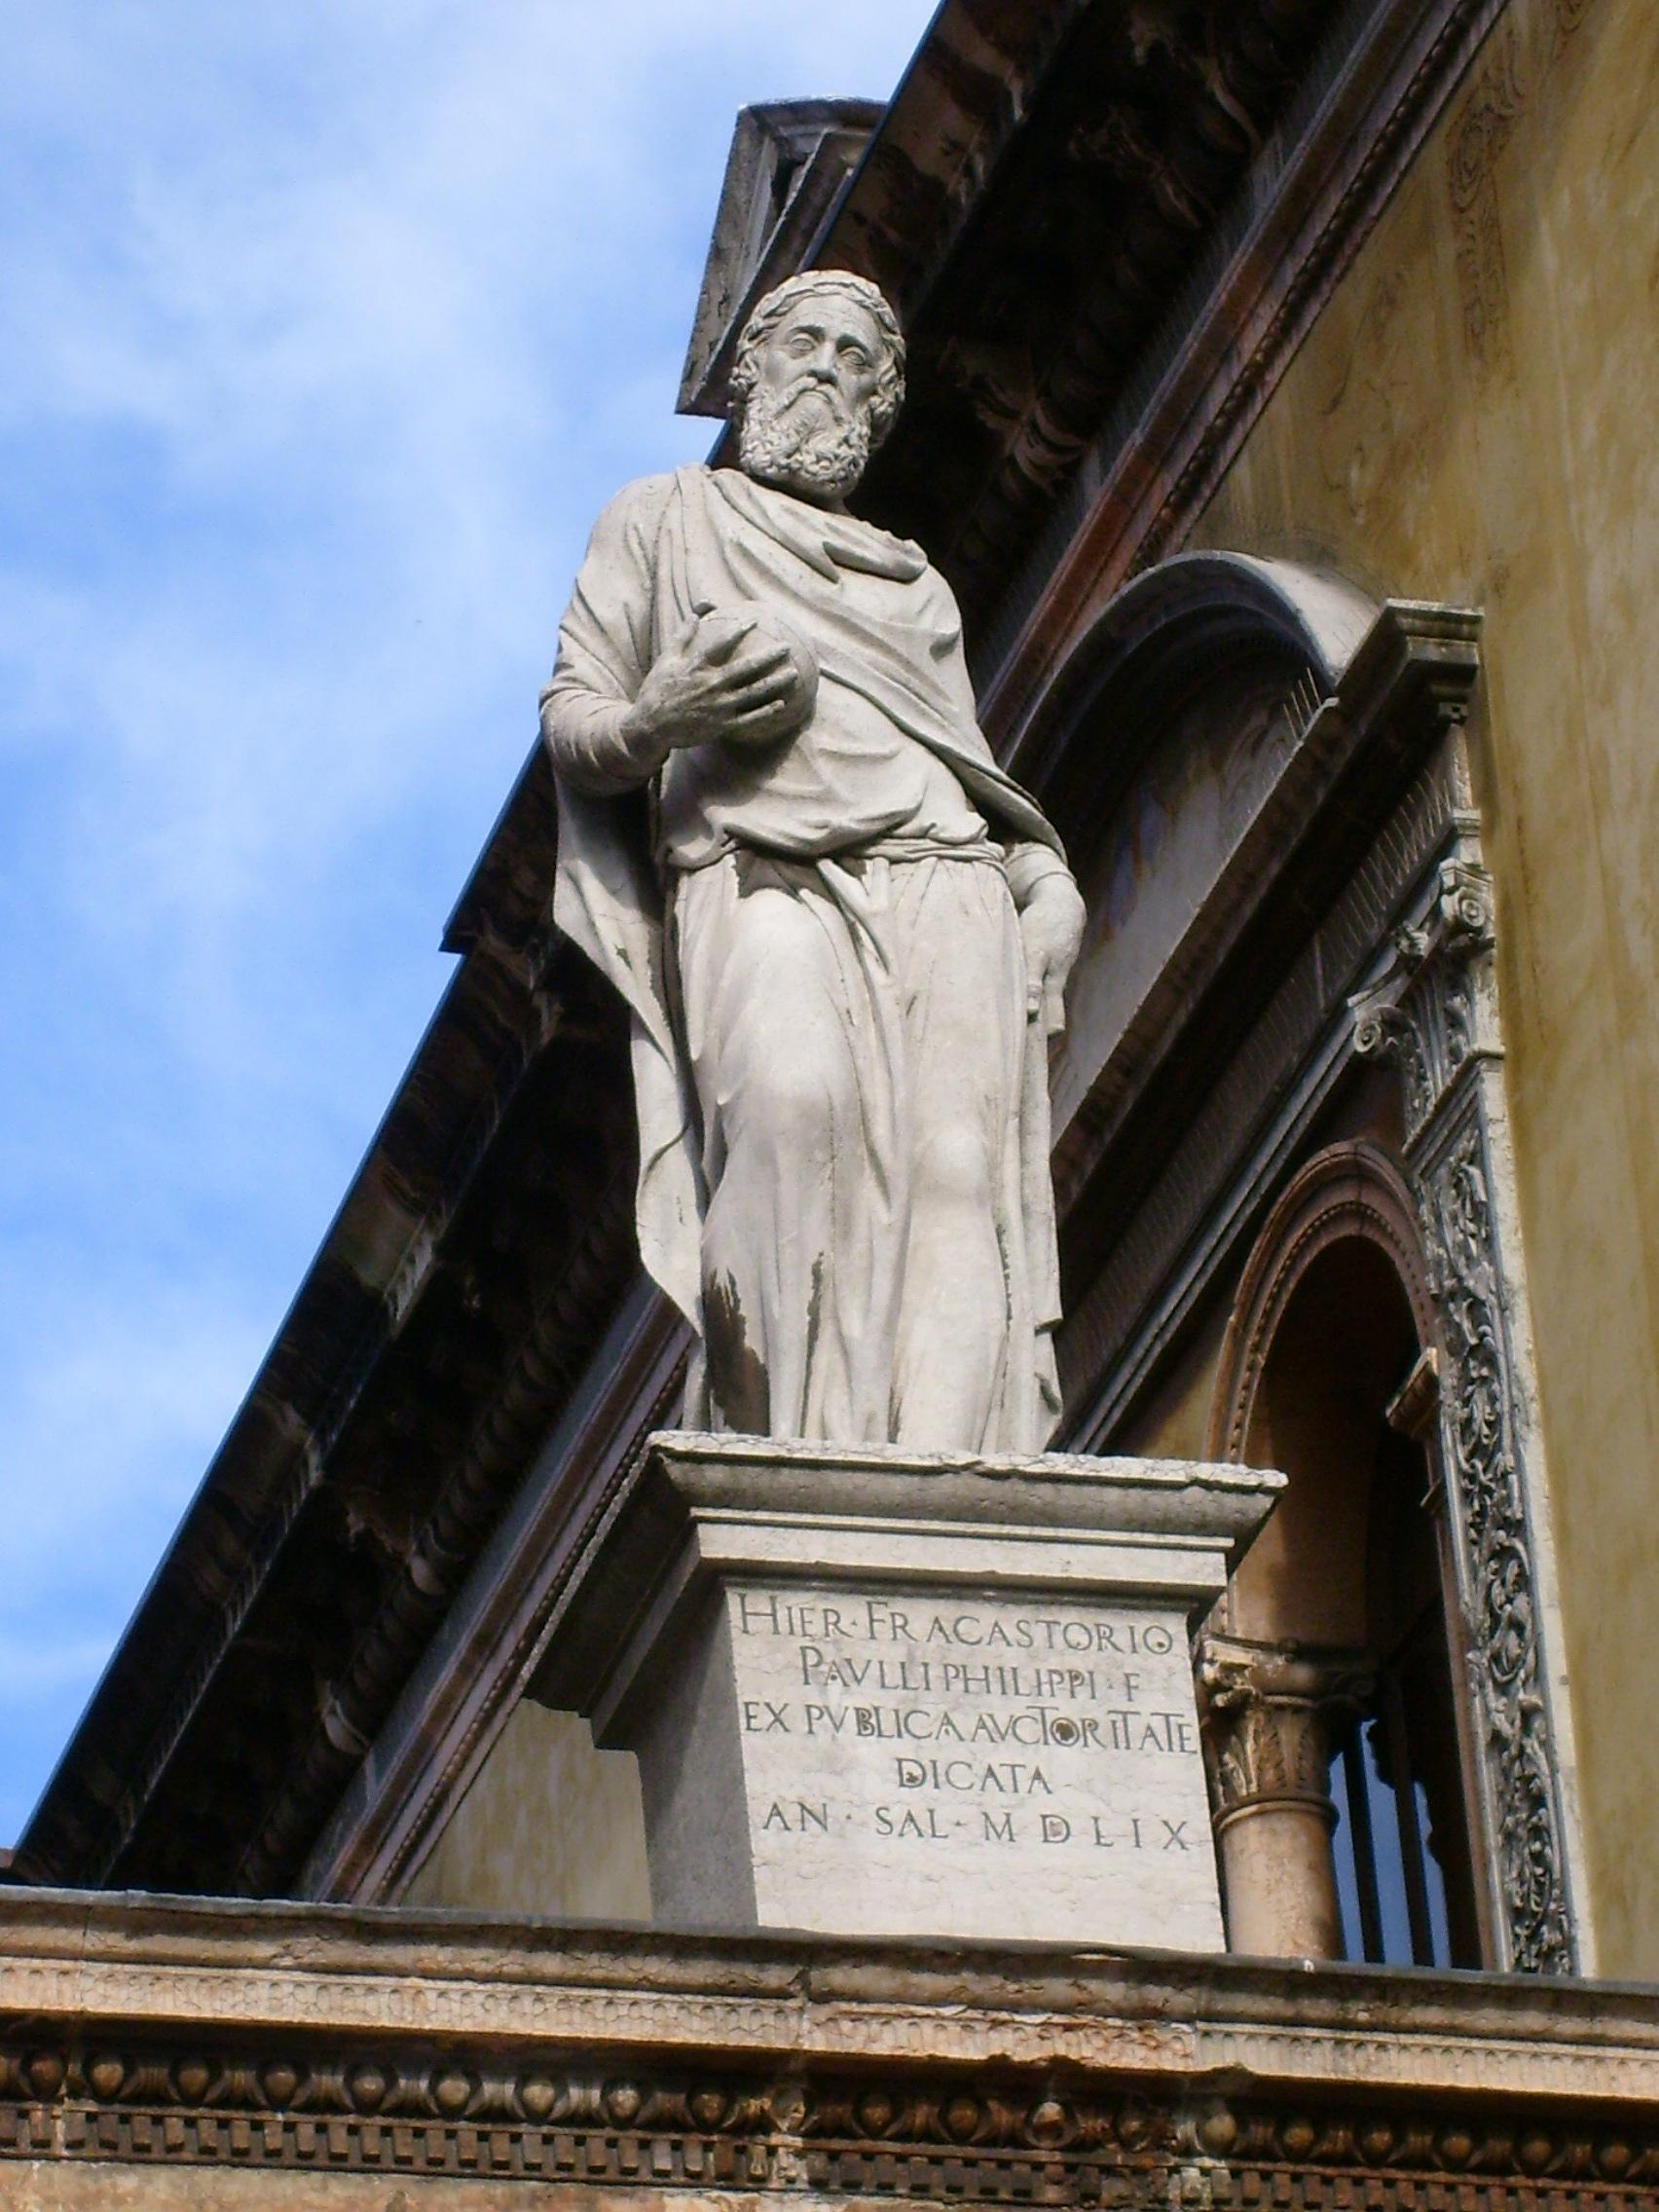 Archivo:Girolamo Fracastoro's statue in Verona 3.JPG - Wikipedia ...